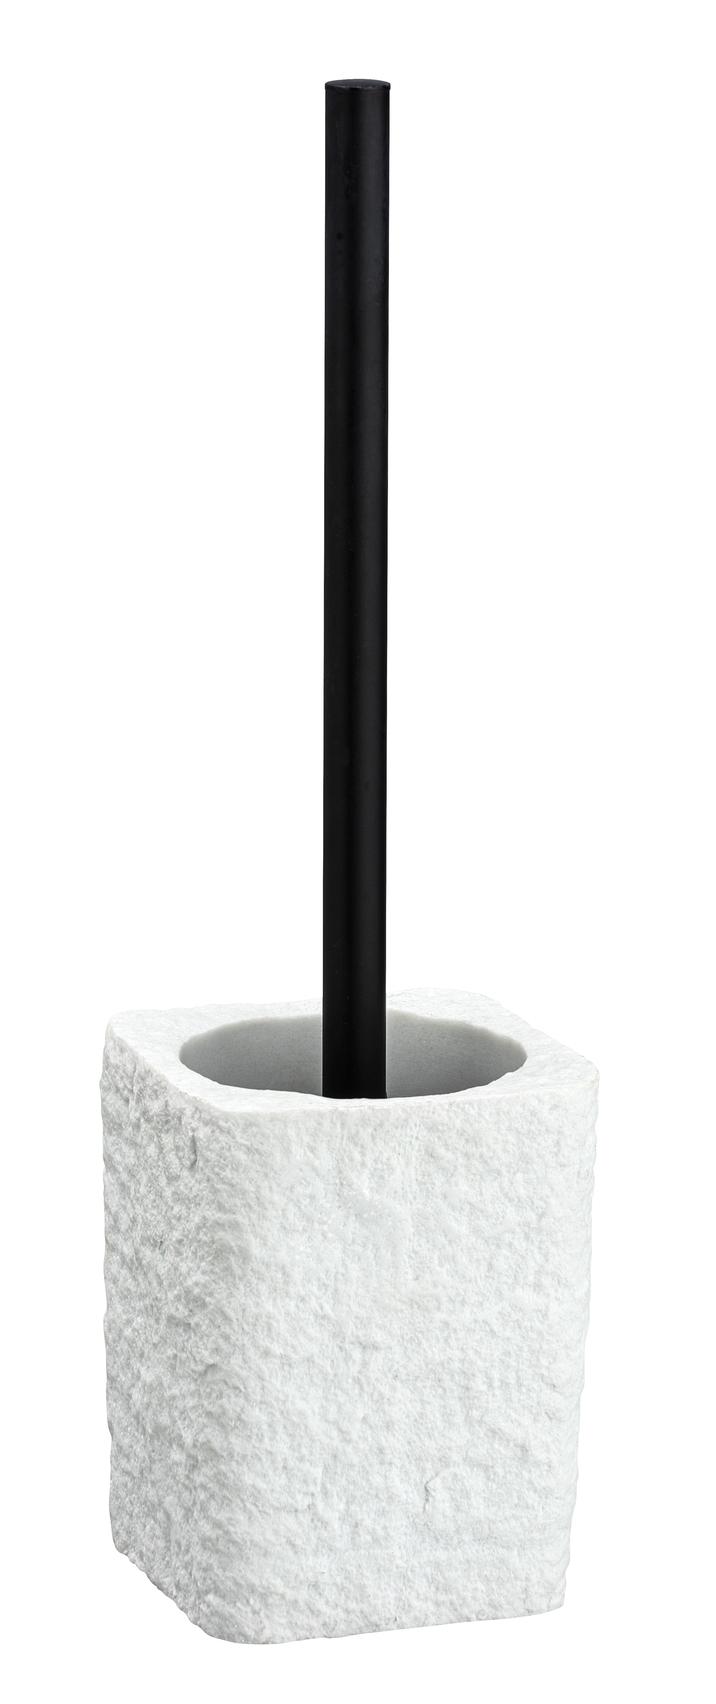 Perie de toaleta cu suport din polirasina, Villata Alb, L11,2xl10xH37 cm poza